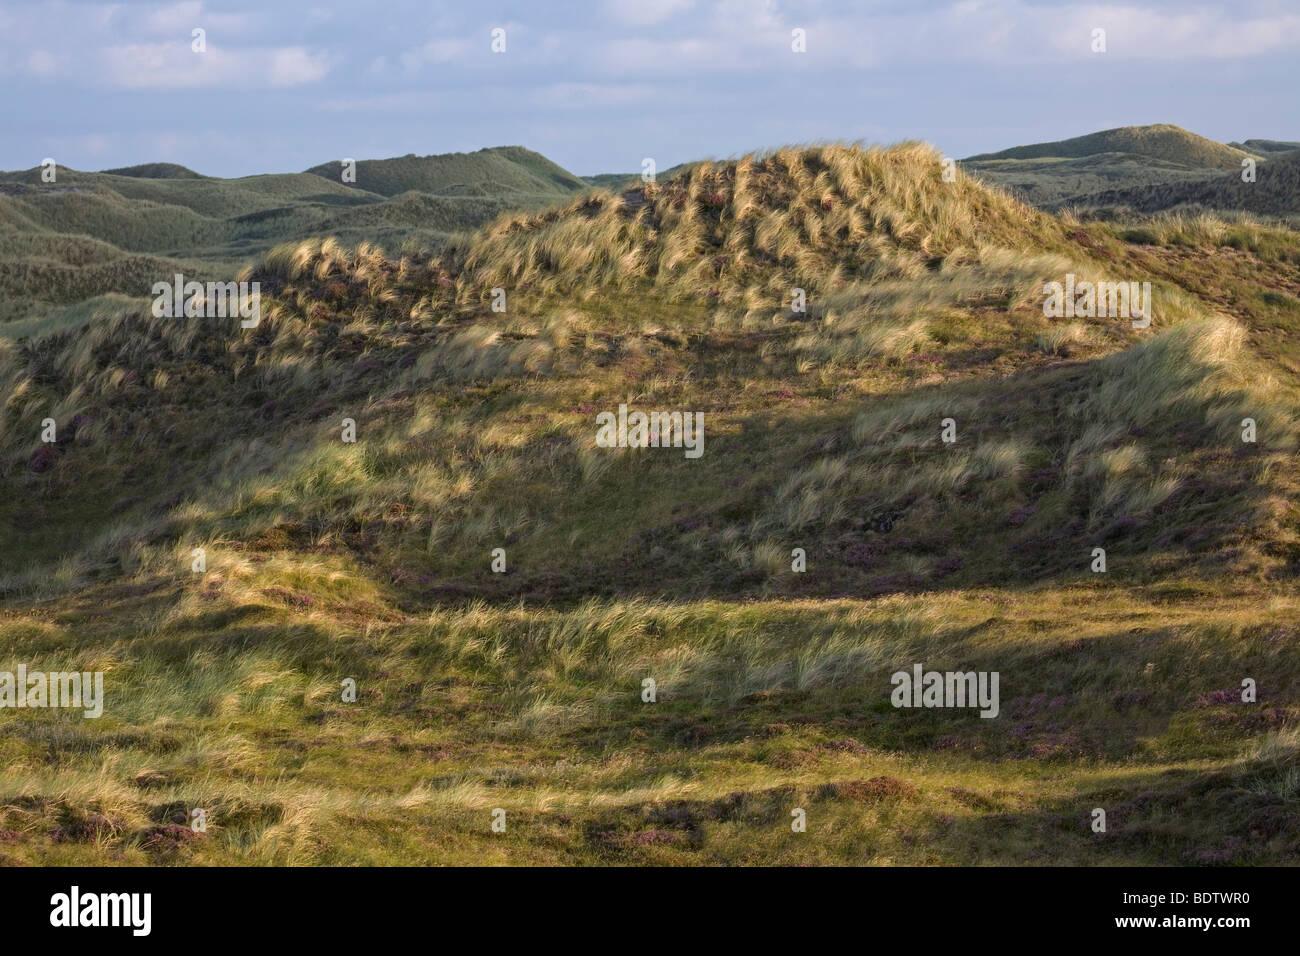 Duenenlandschaft, Dune scenery / Jylland - Denmark Stock Photo